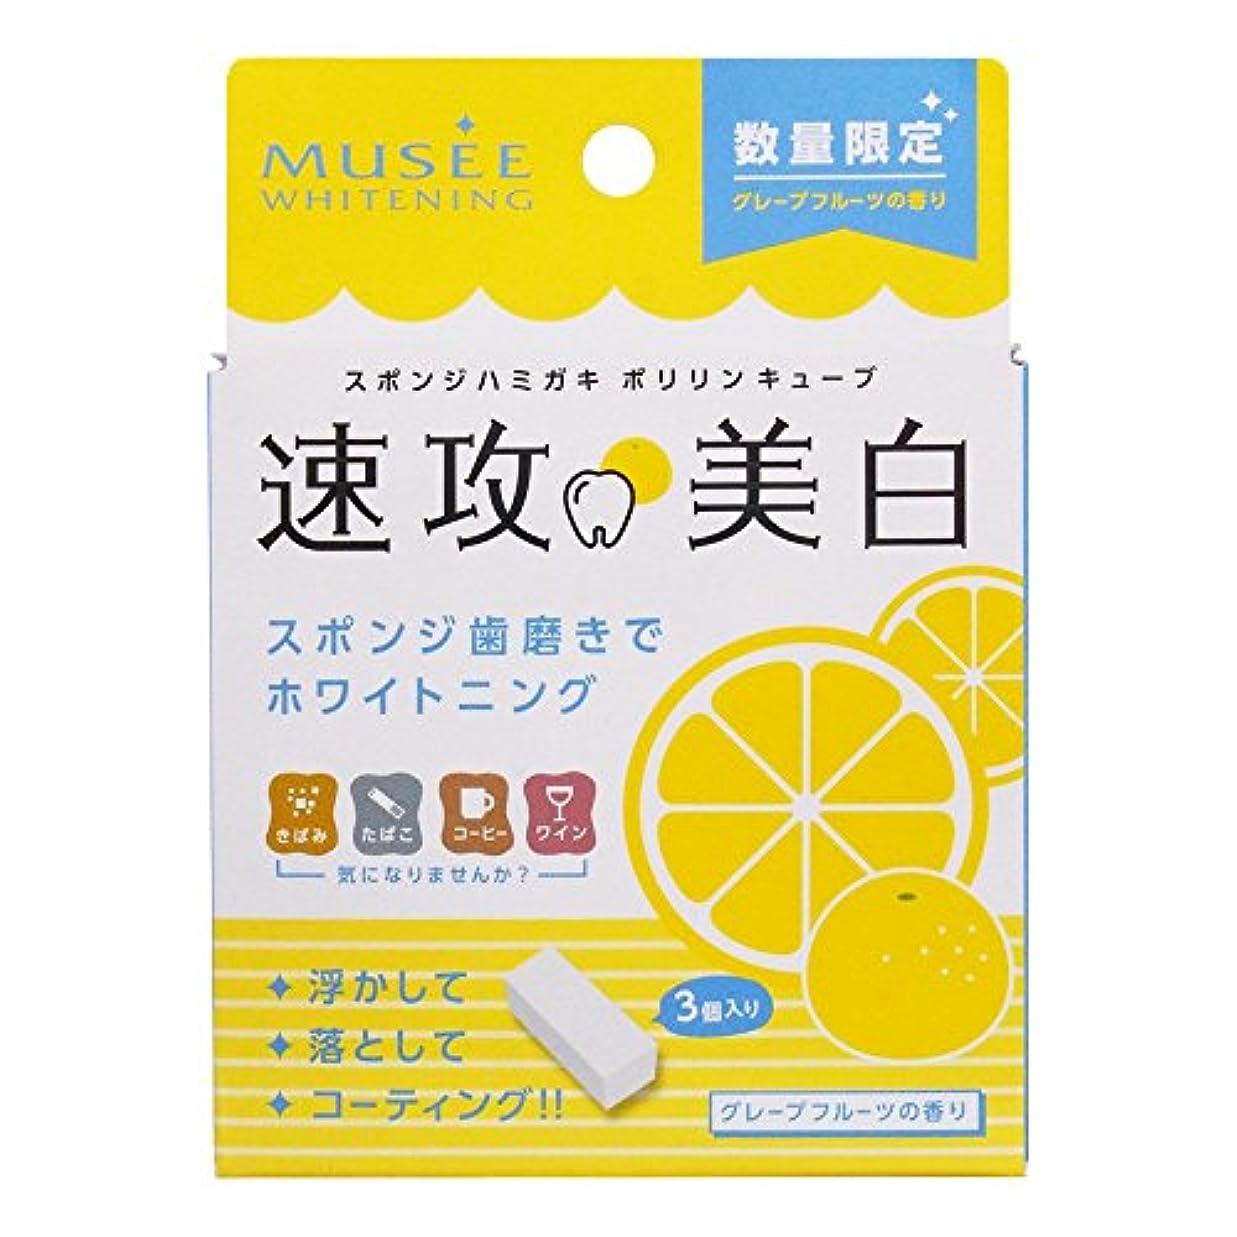 ミュゼホワイトニング ポリリンキューブ グレープフルーツの香り (1回分×3包)